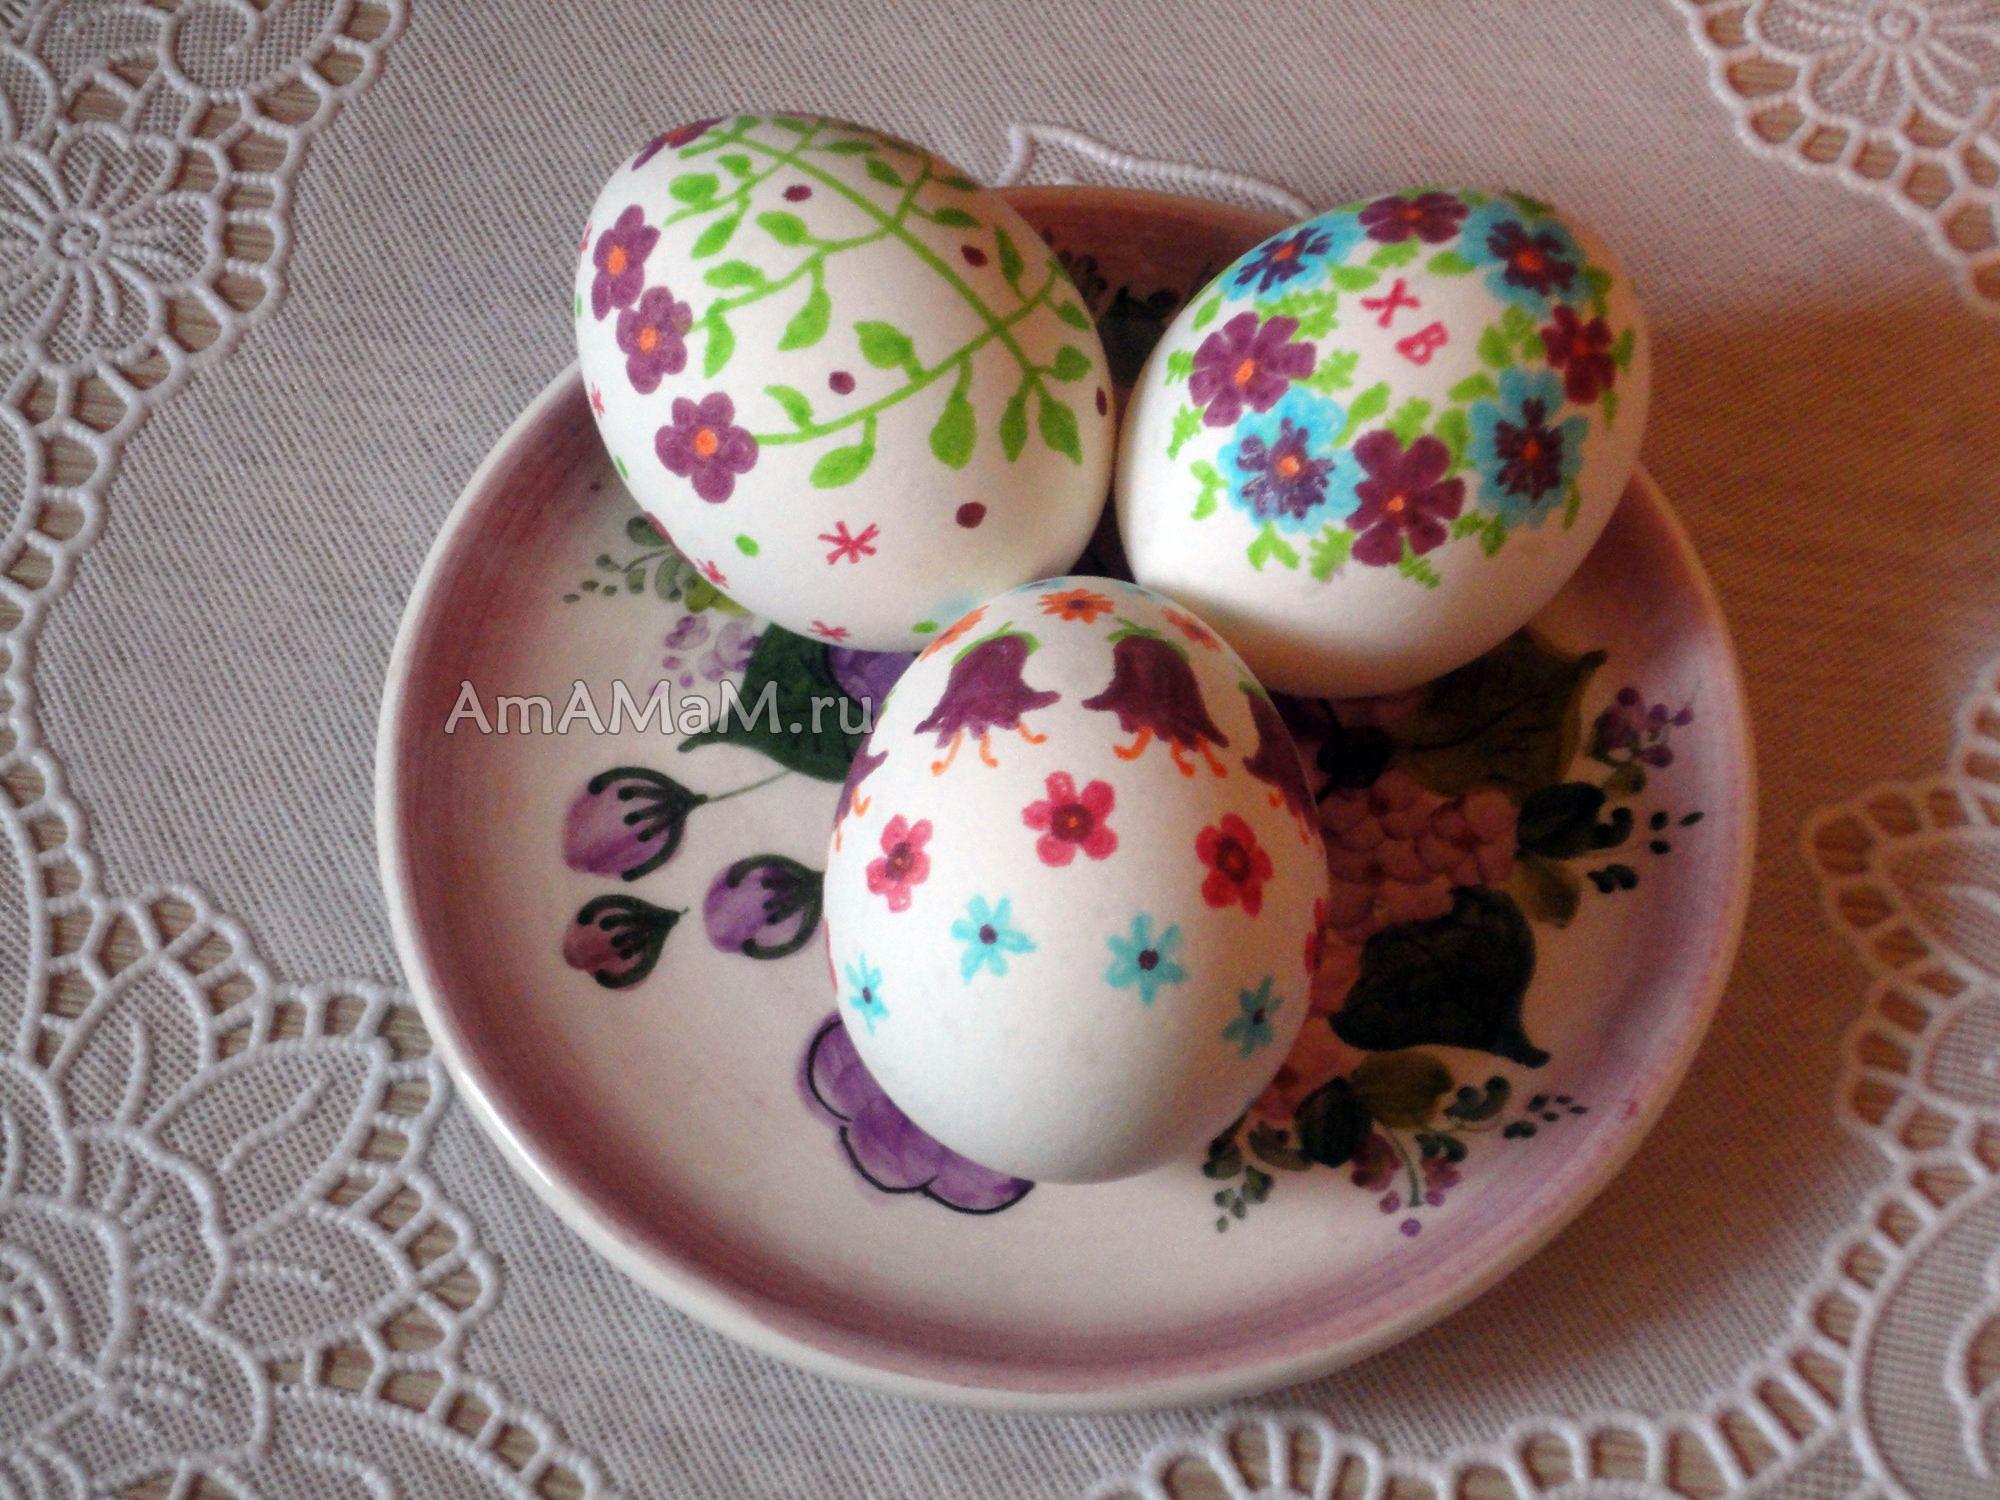 Роспись пасхальных яиц: рисуем цветы